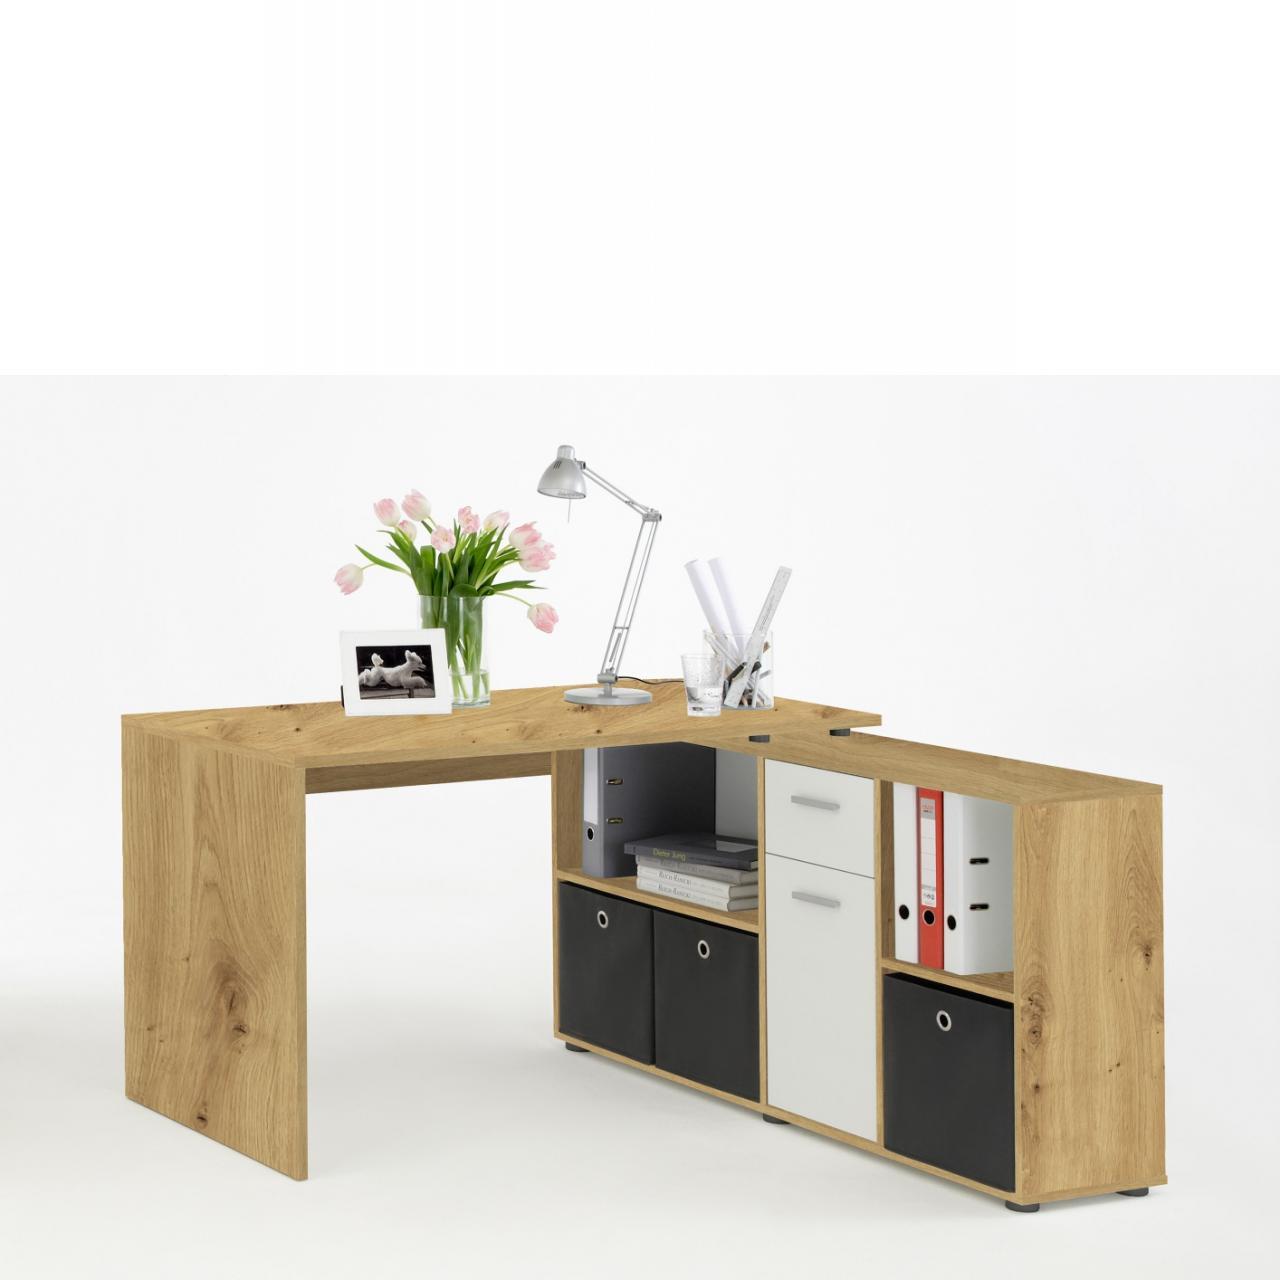 Schreibtisch Lex Artisan Eiche Nb. Weiß 4 Offene Fächer 1 Schubkasten Büro